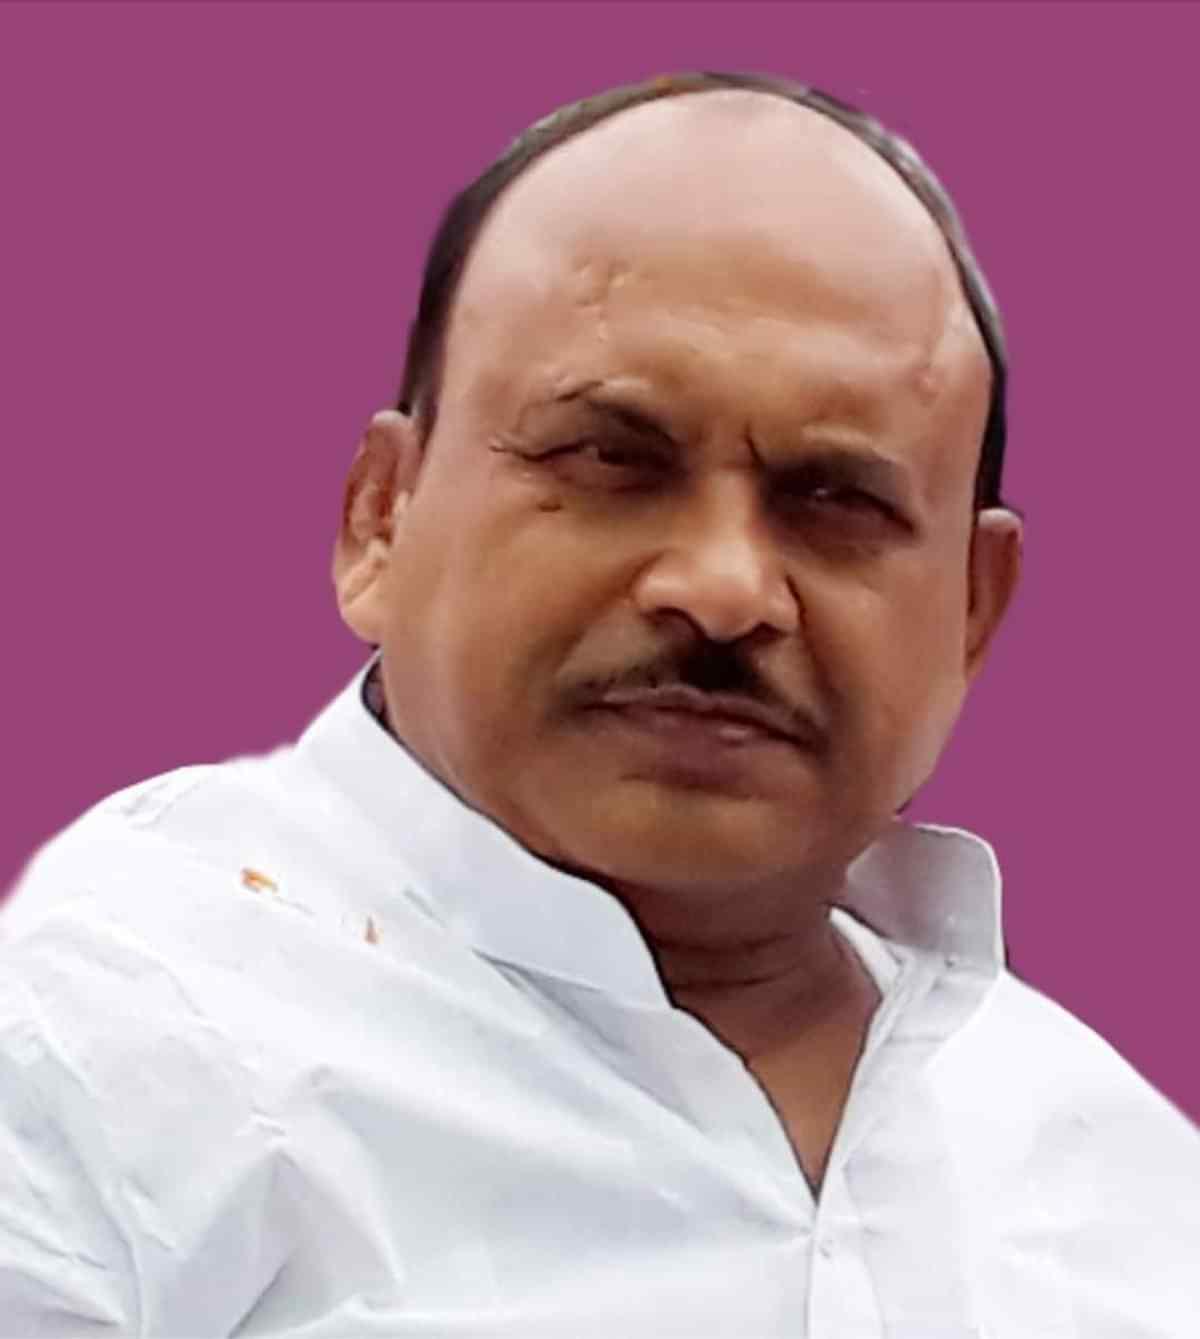 मंत्री घूरा राम का लखनऊ के केजीएमयू में निधन